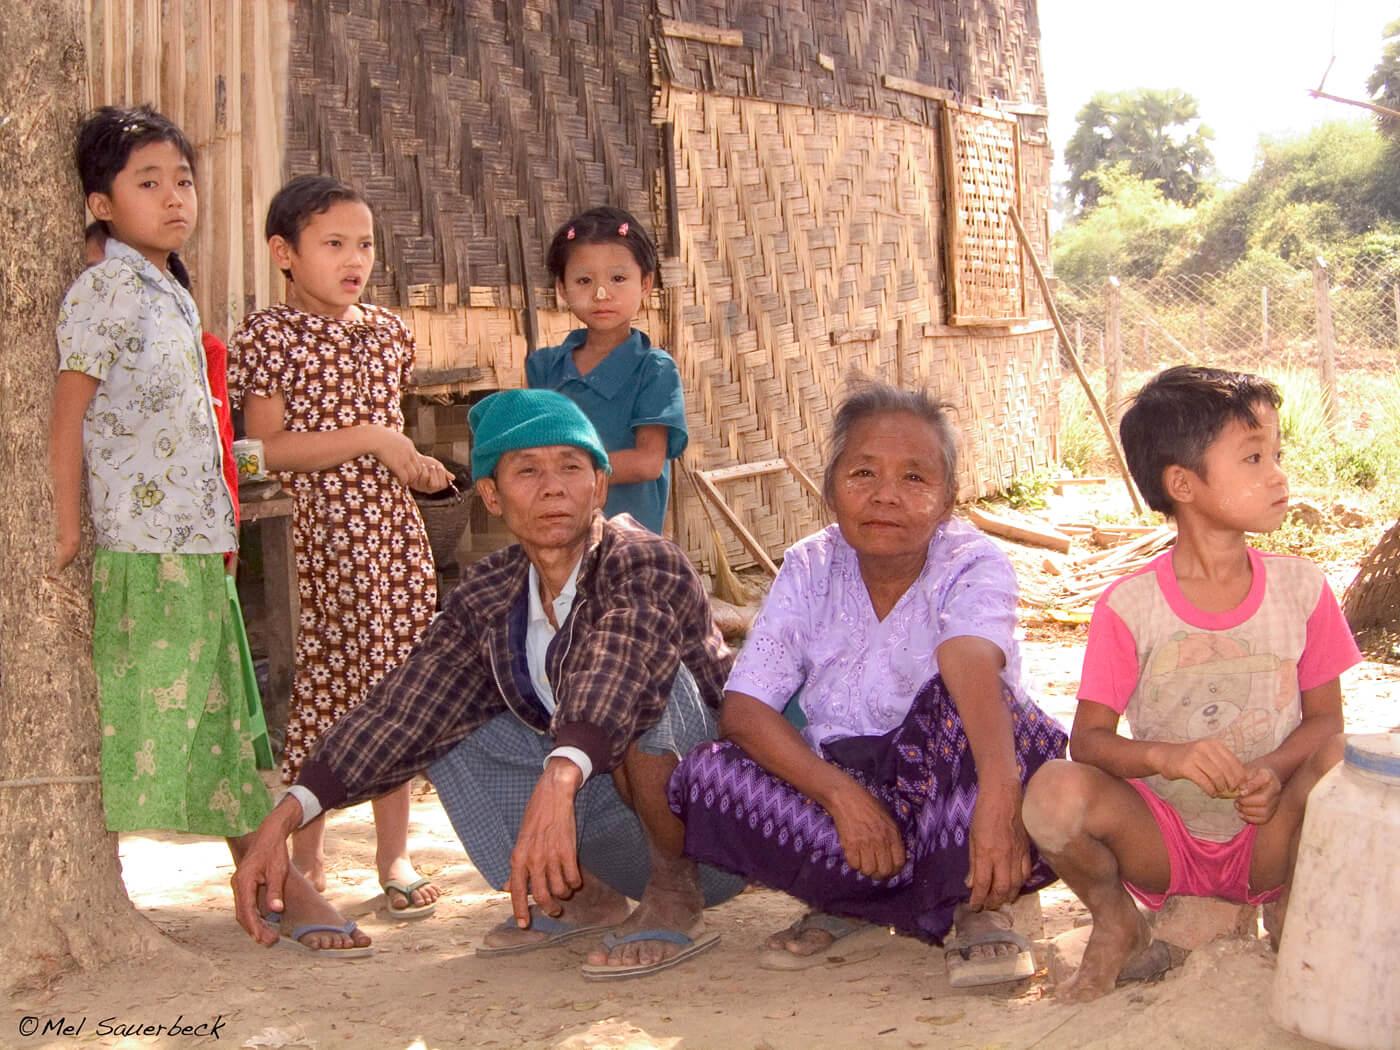 Village family, Myanmar, Burma